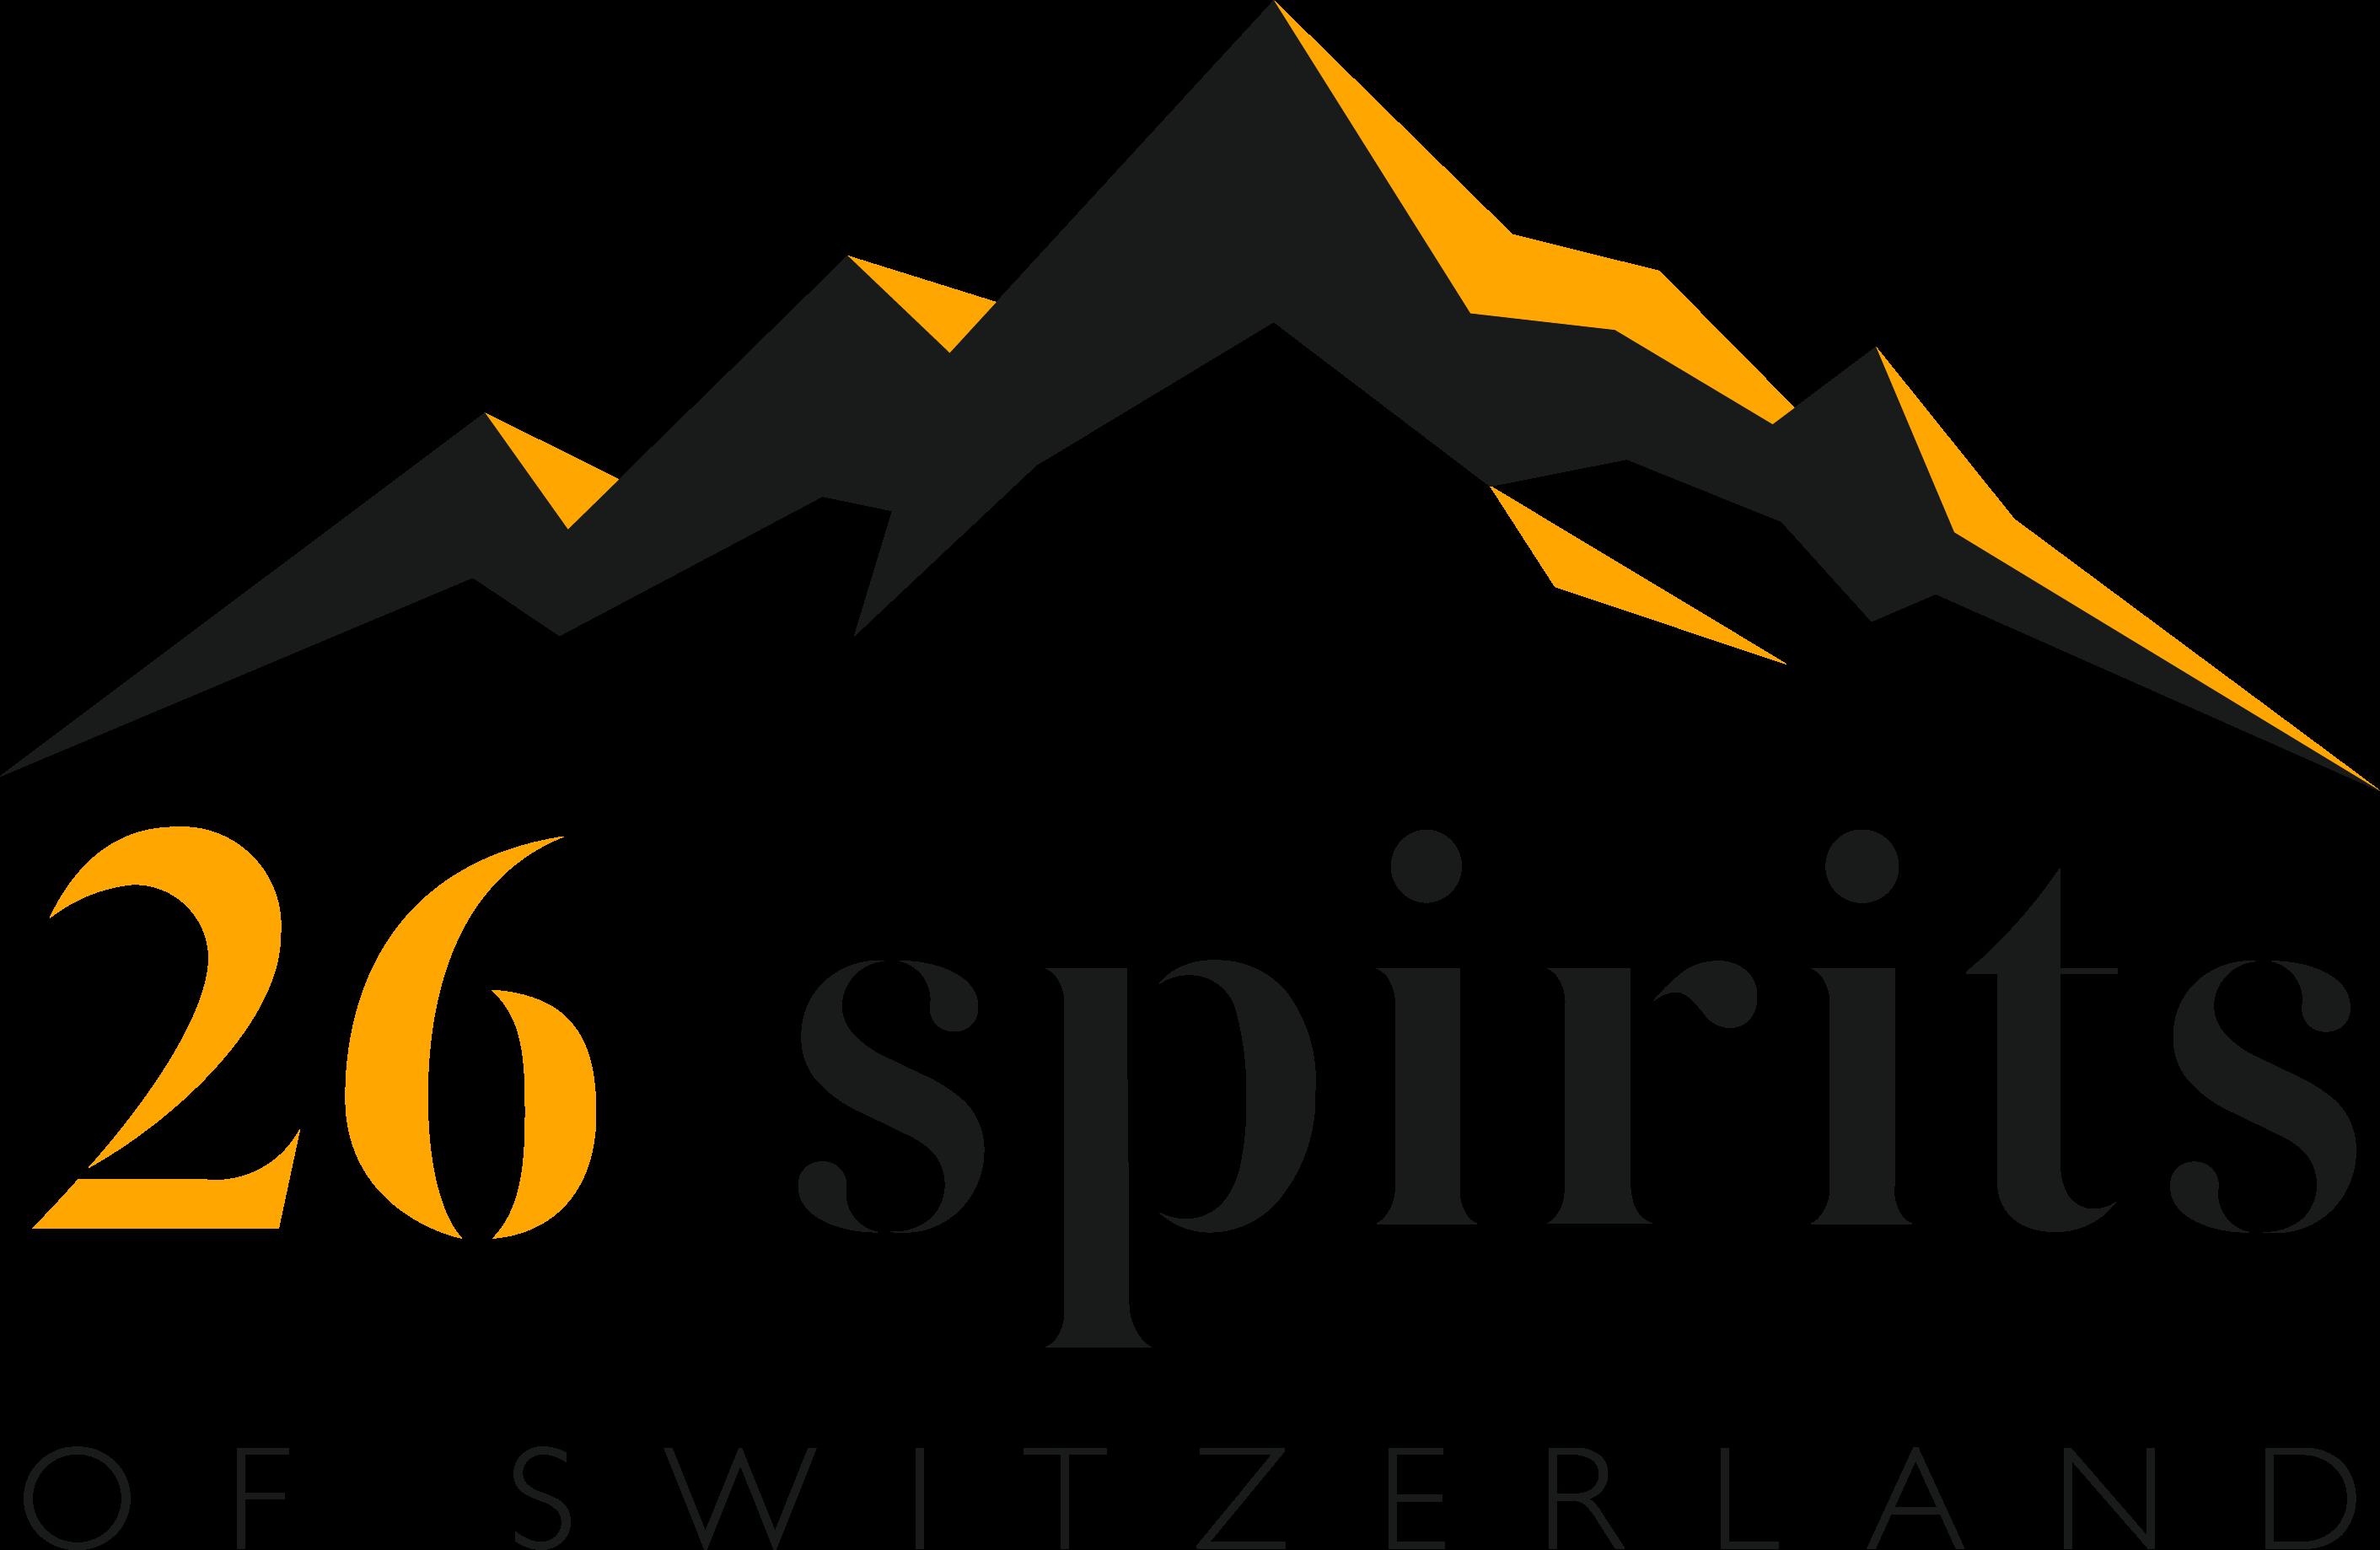 26 Spirits of Switzerland